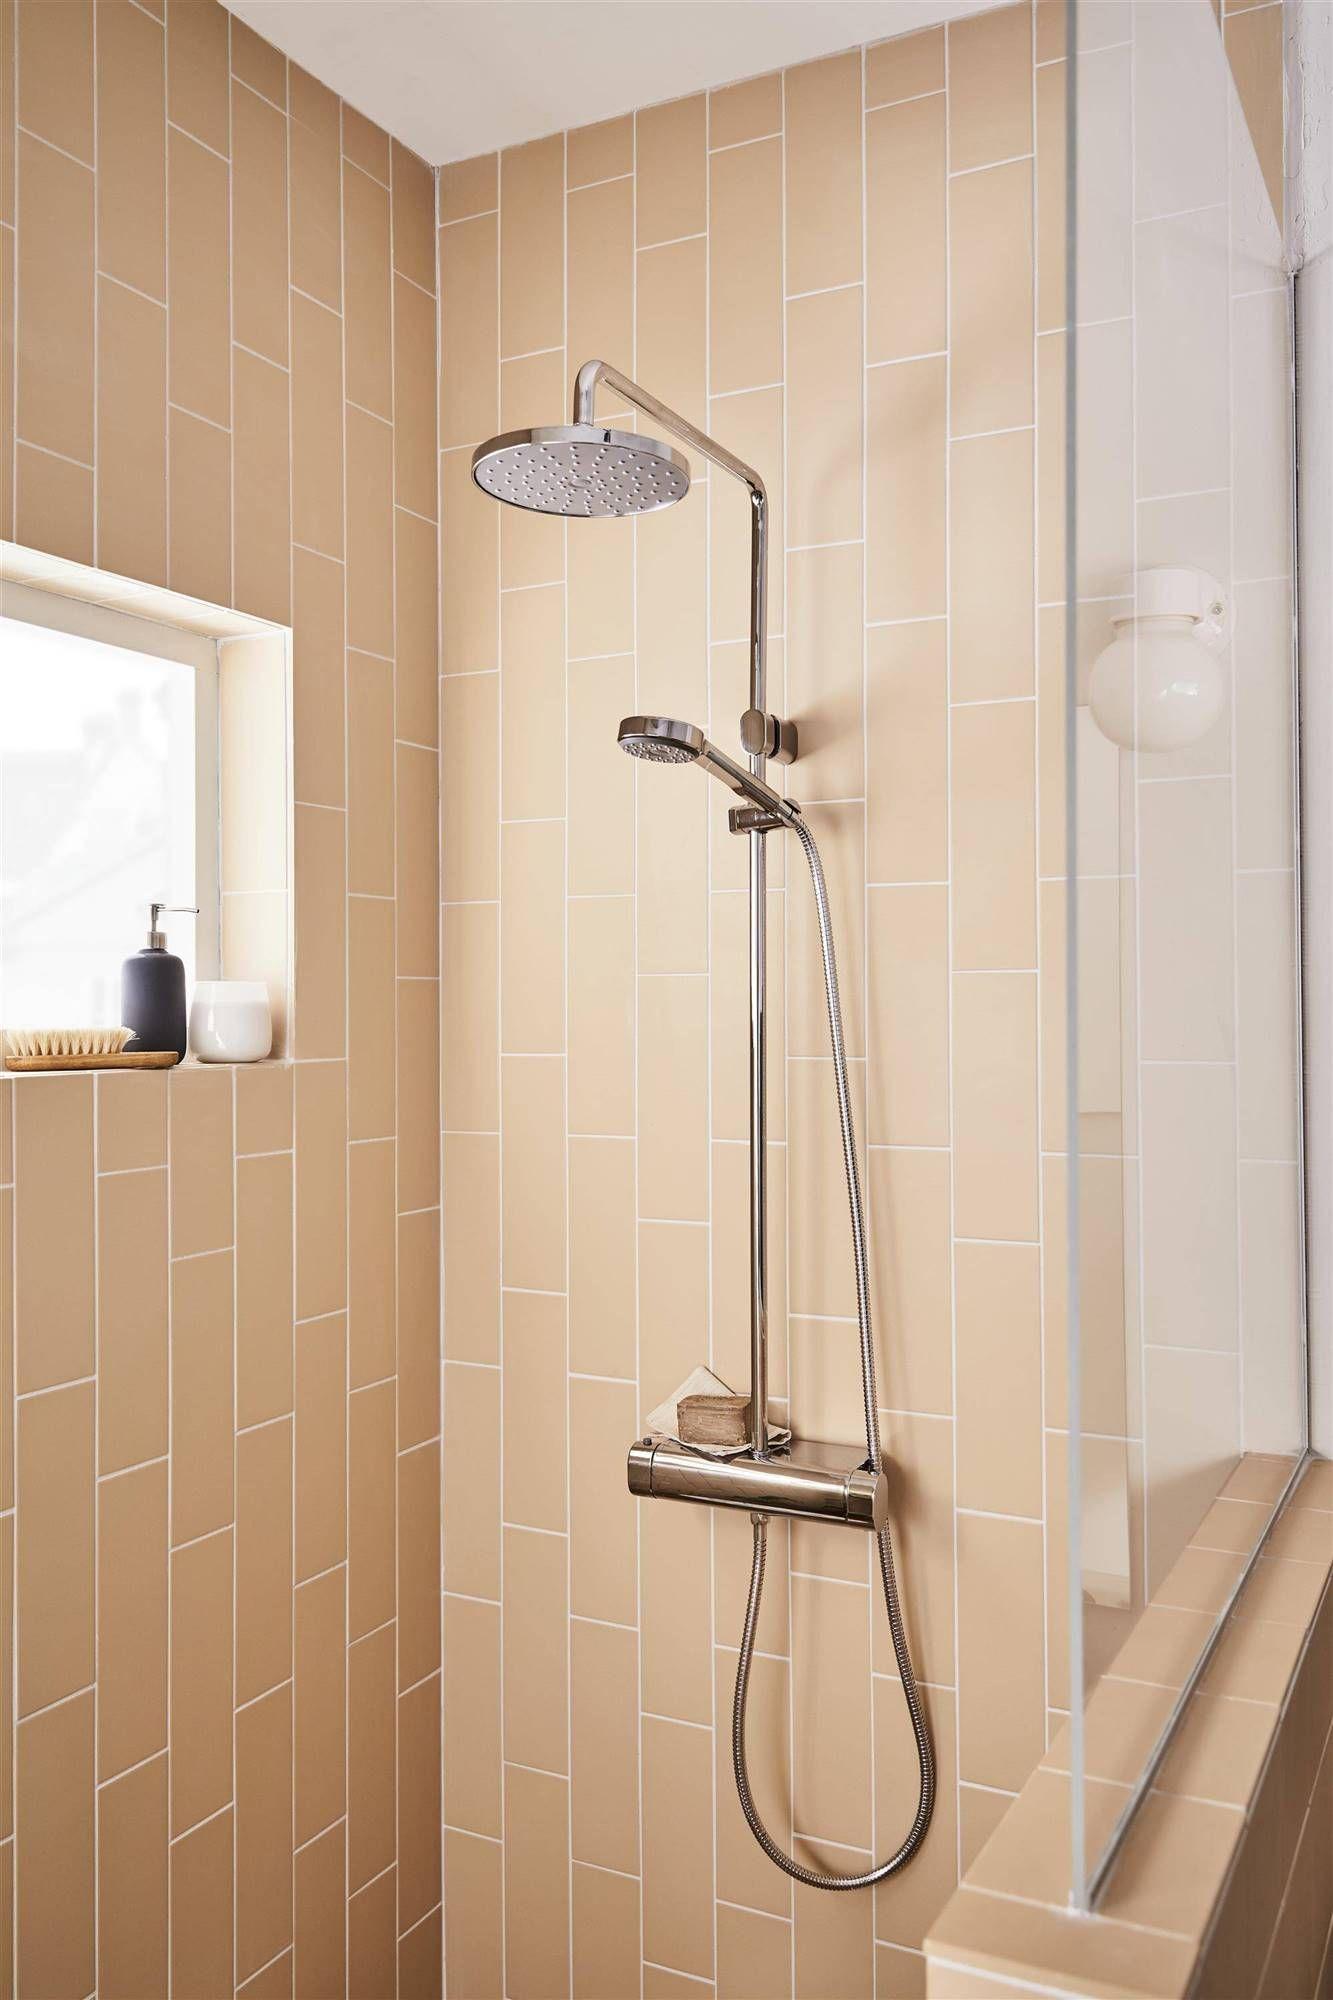 La grifería de la ducha | Accesorios de ducha, Ikea